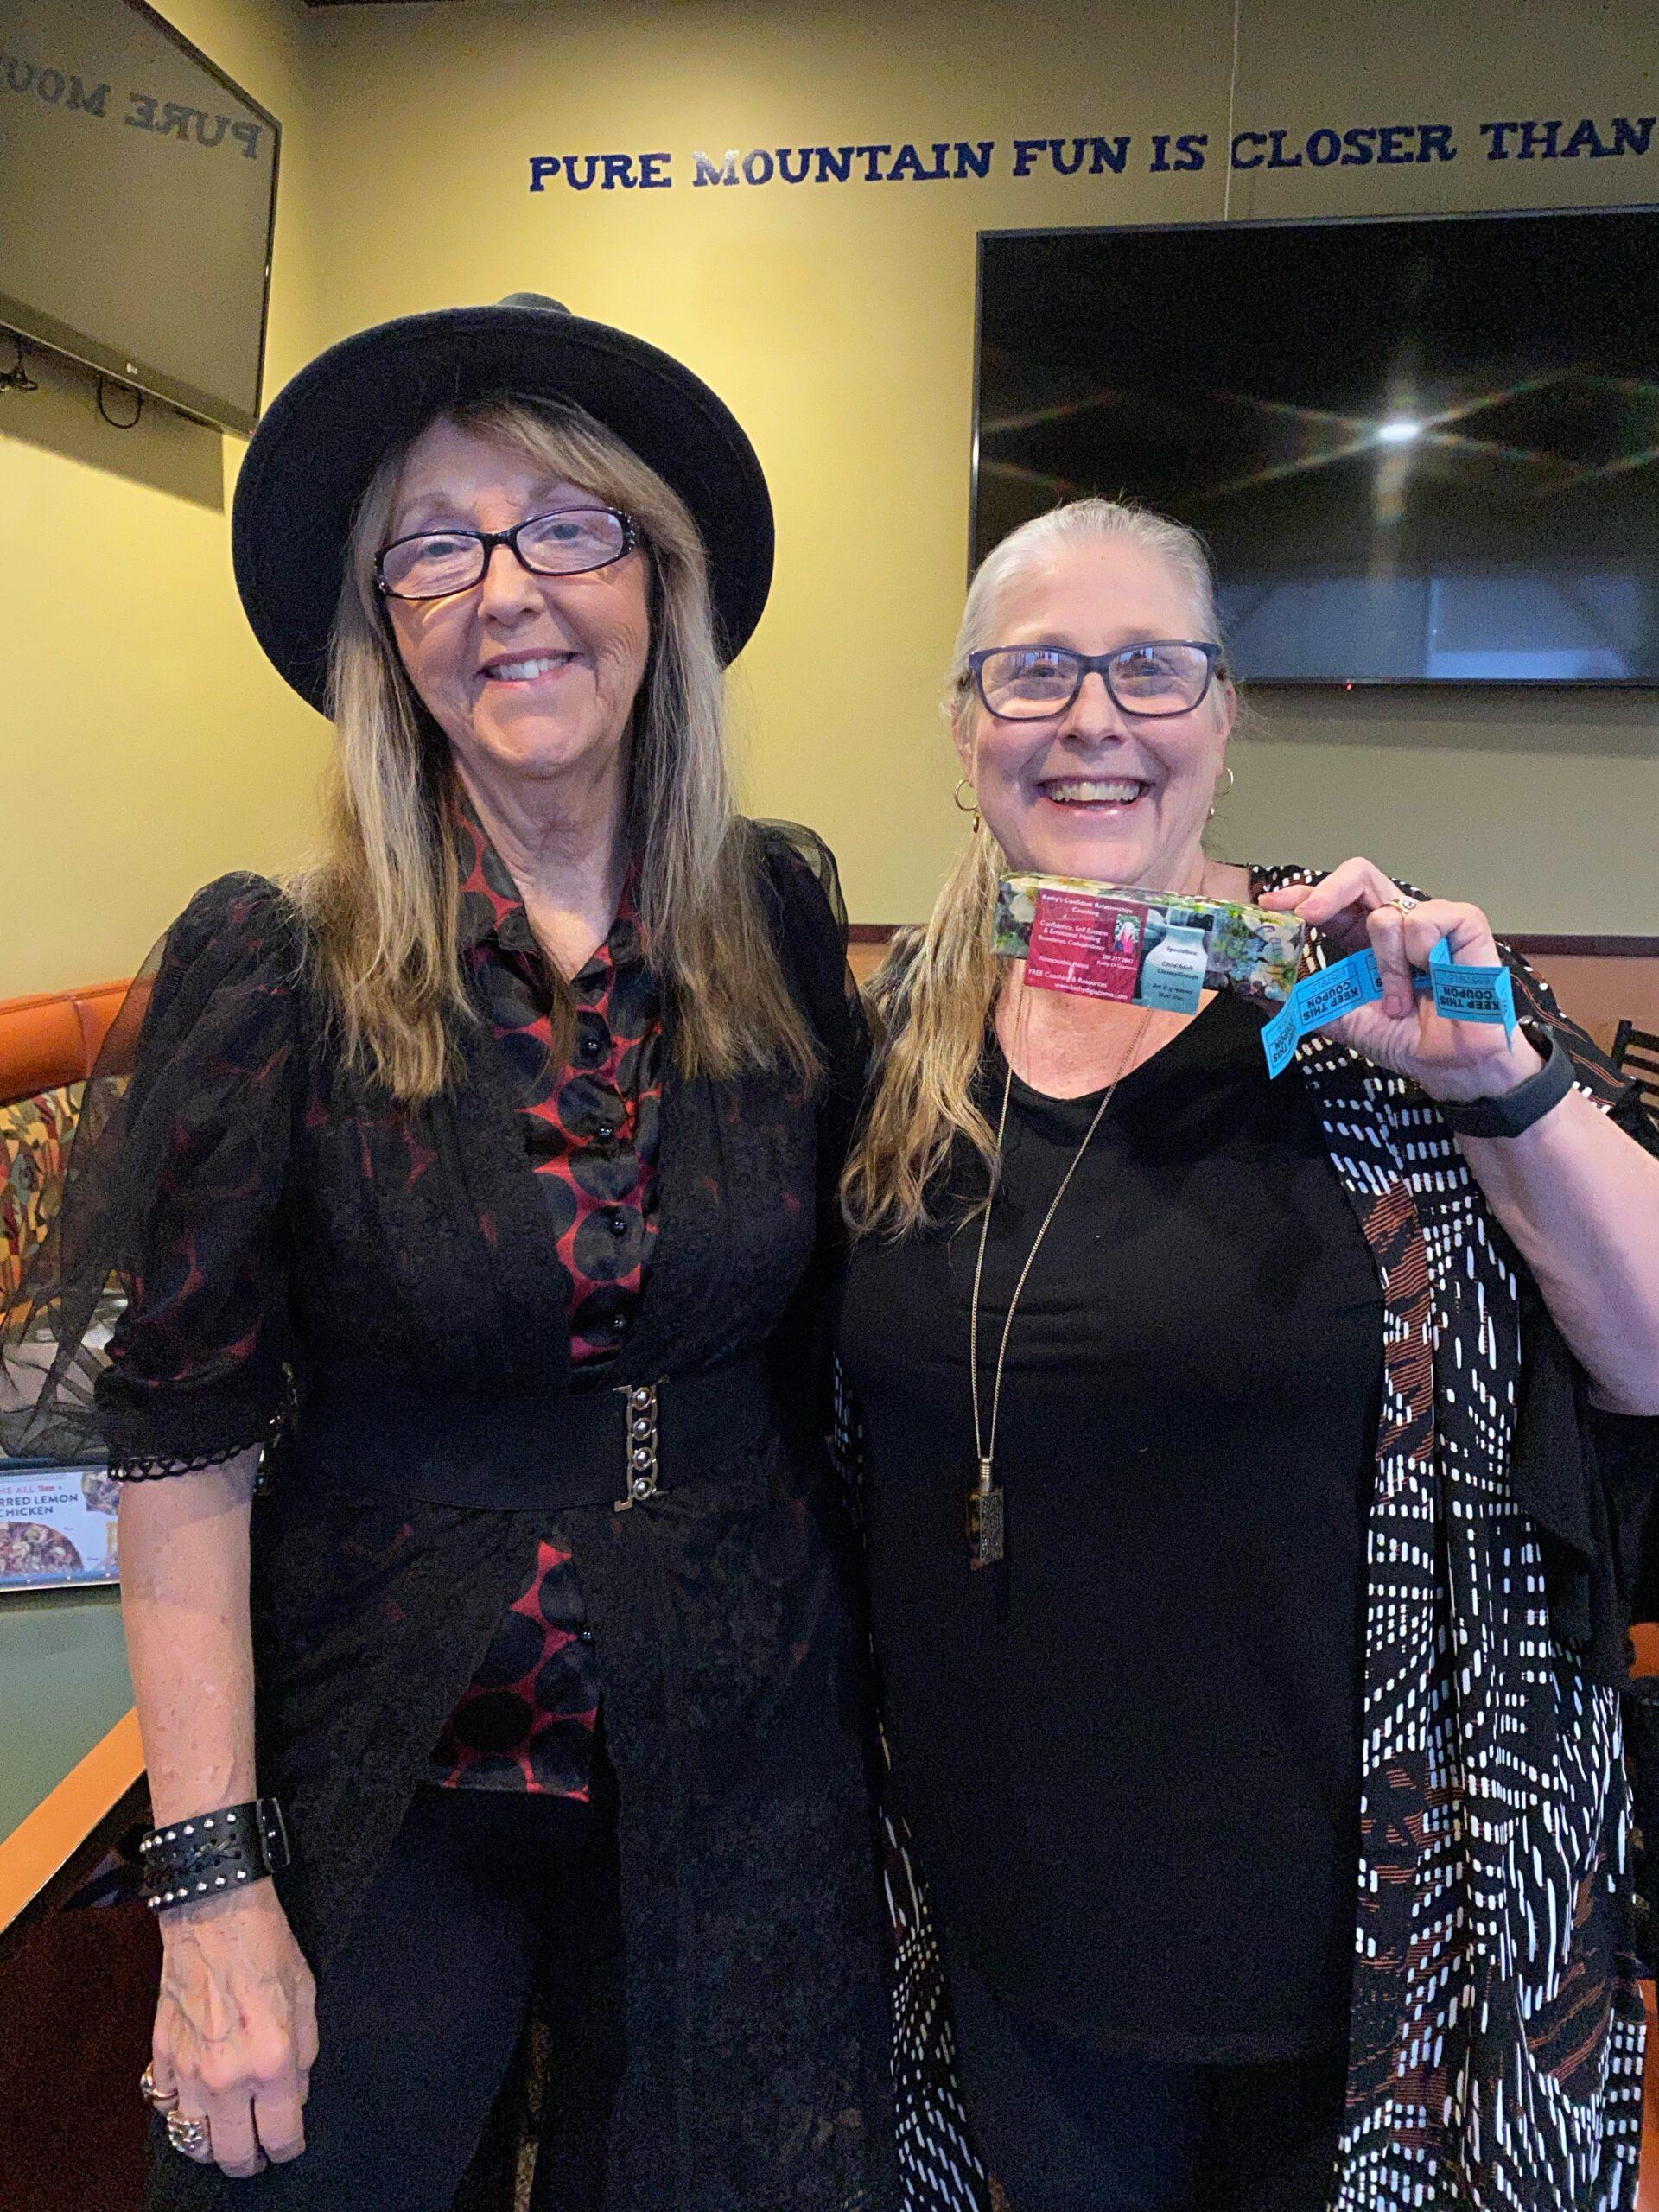 Kathy & Shana